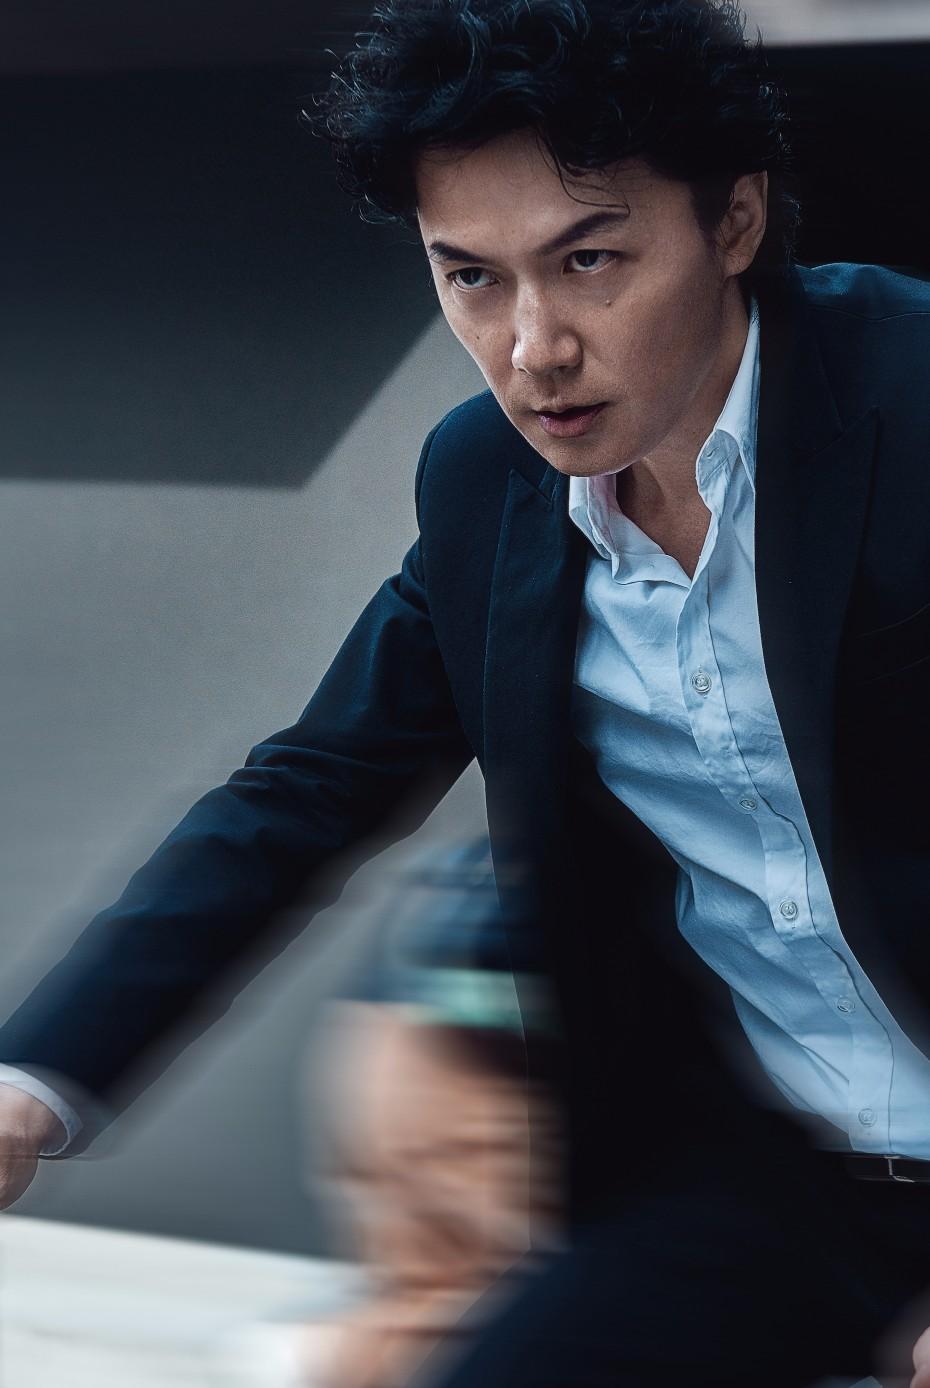 映画『追捕 MANHUNT(原題)』本編より 福山雅治